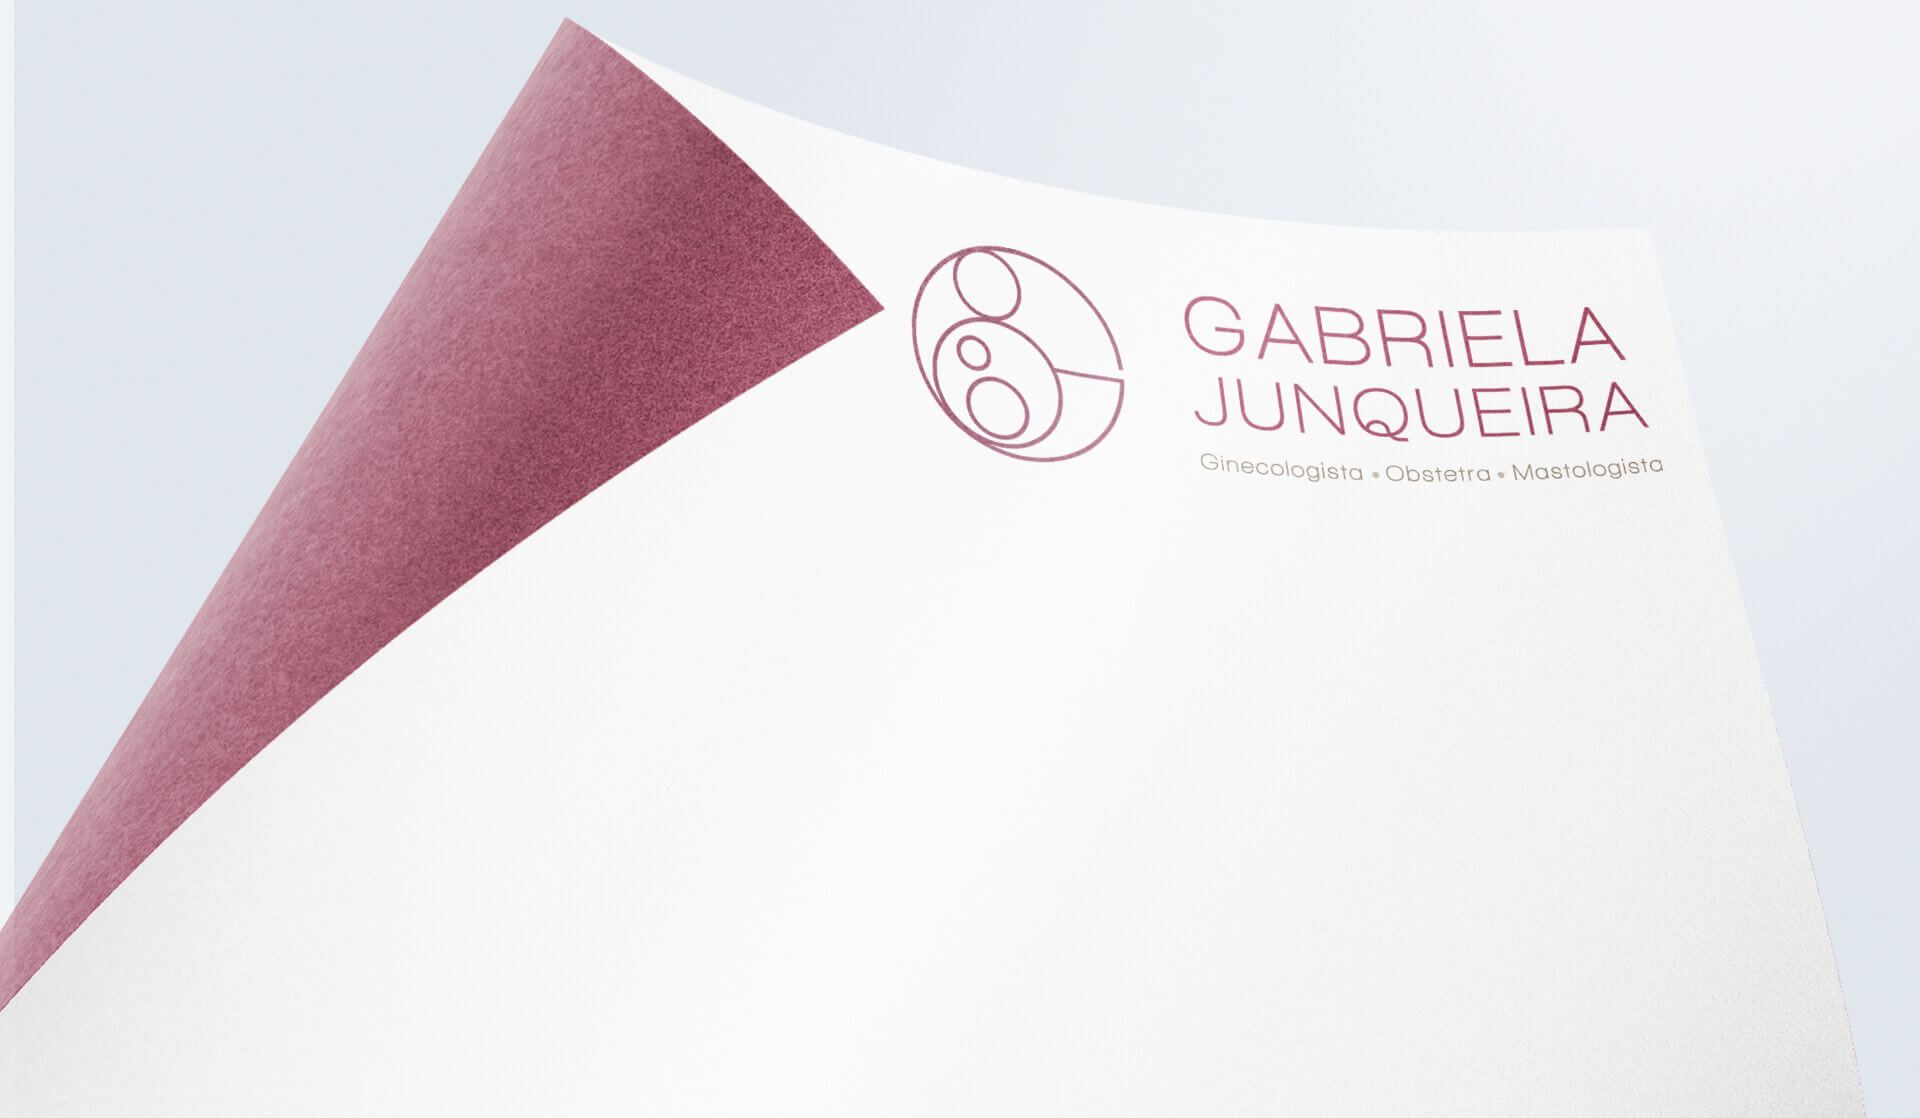 Criação de identidade visual para médica obstetra e ginecologista de piracicaba São Paulo Gabriela Junqueira